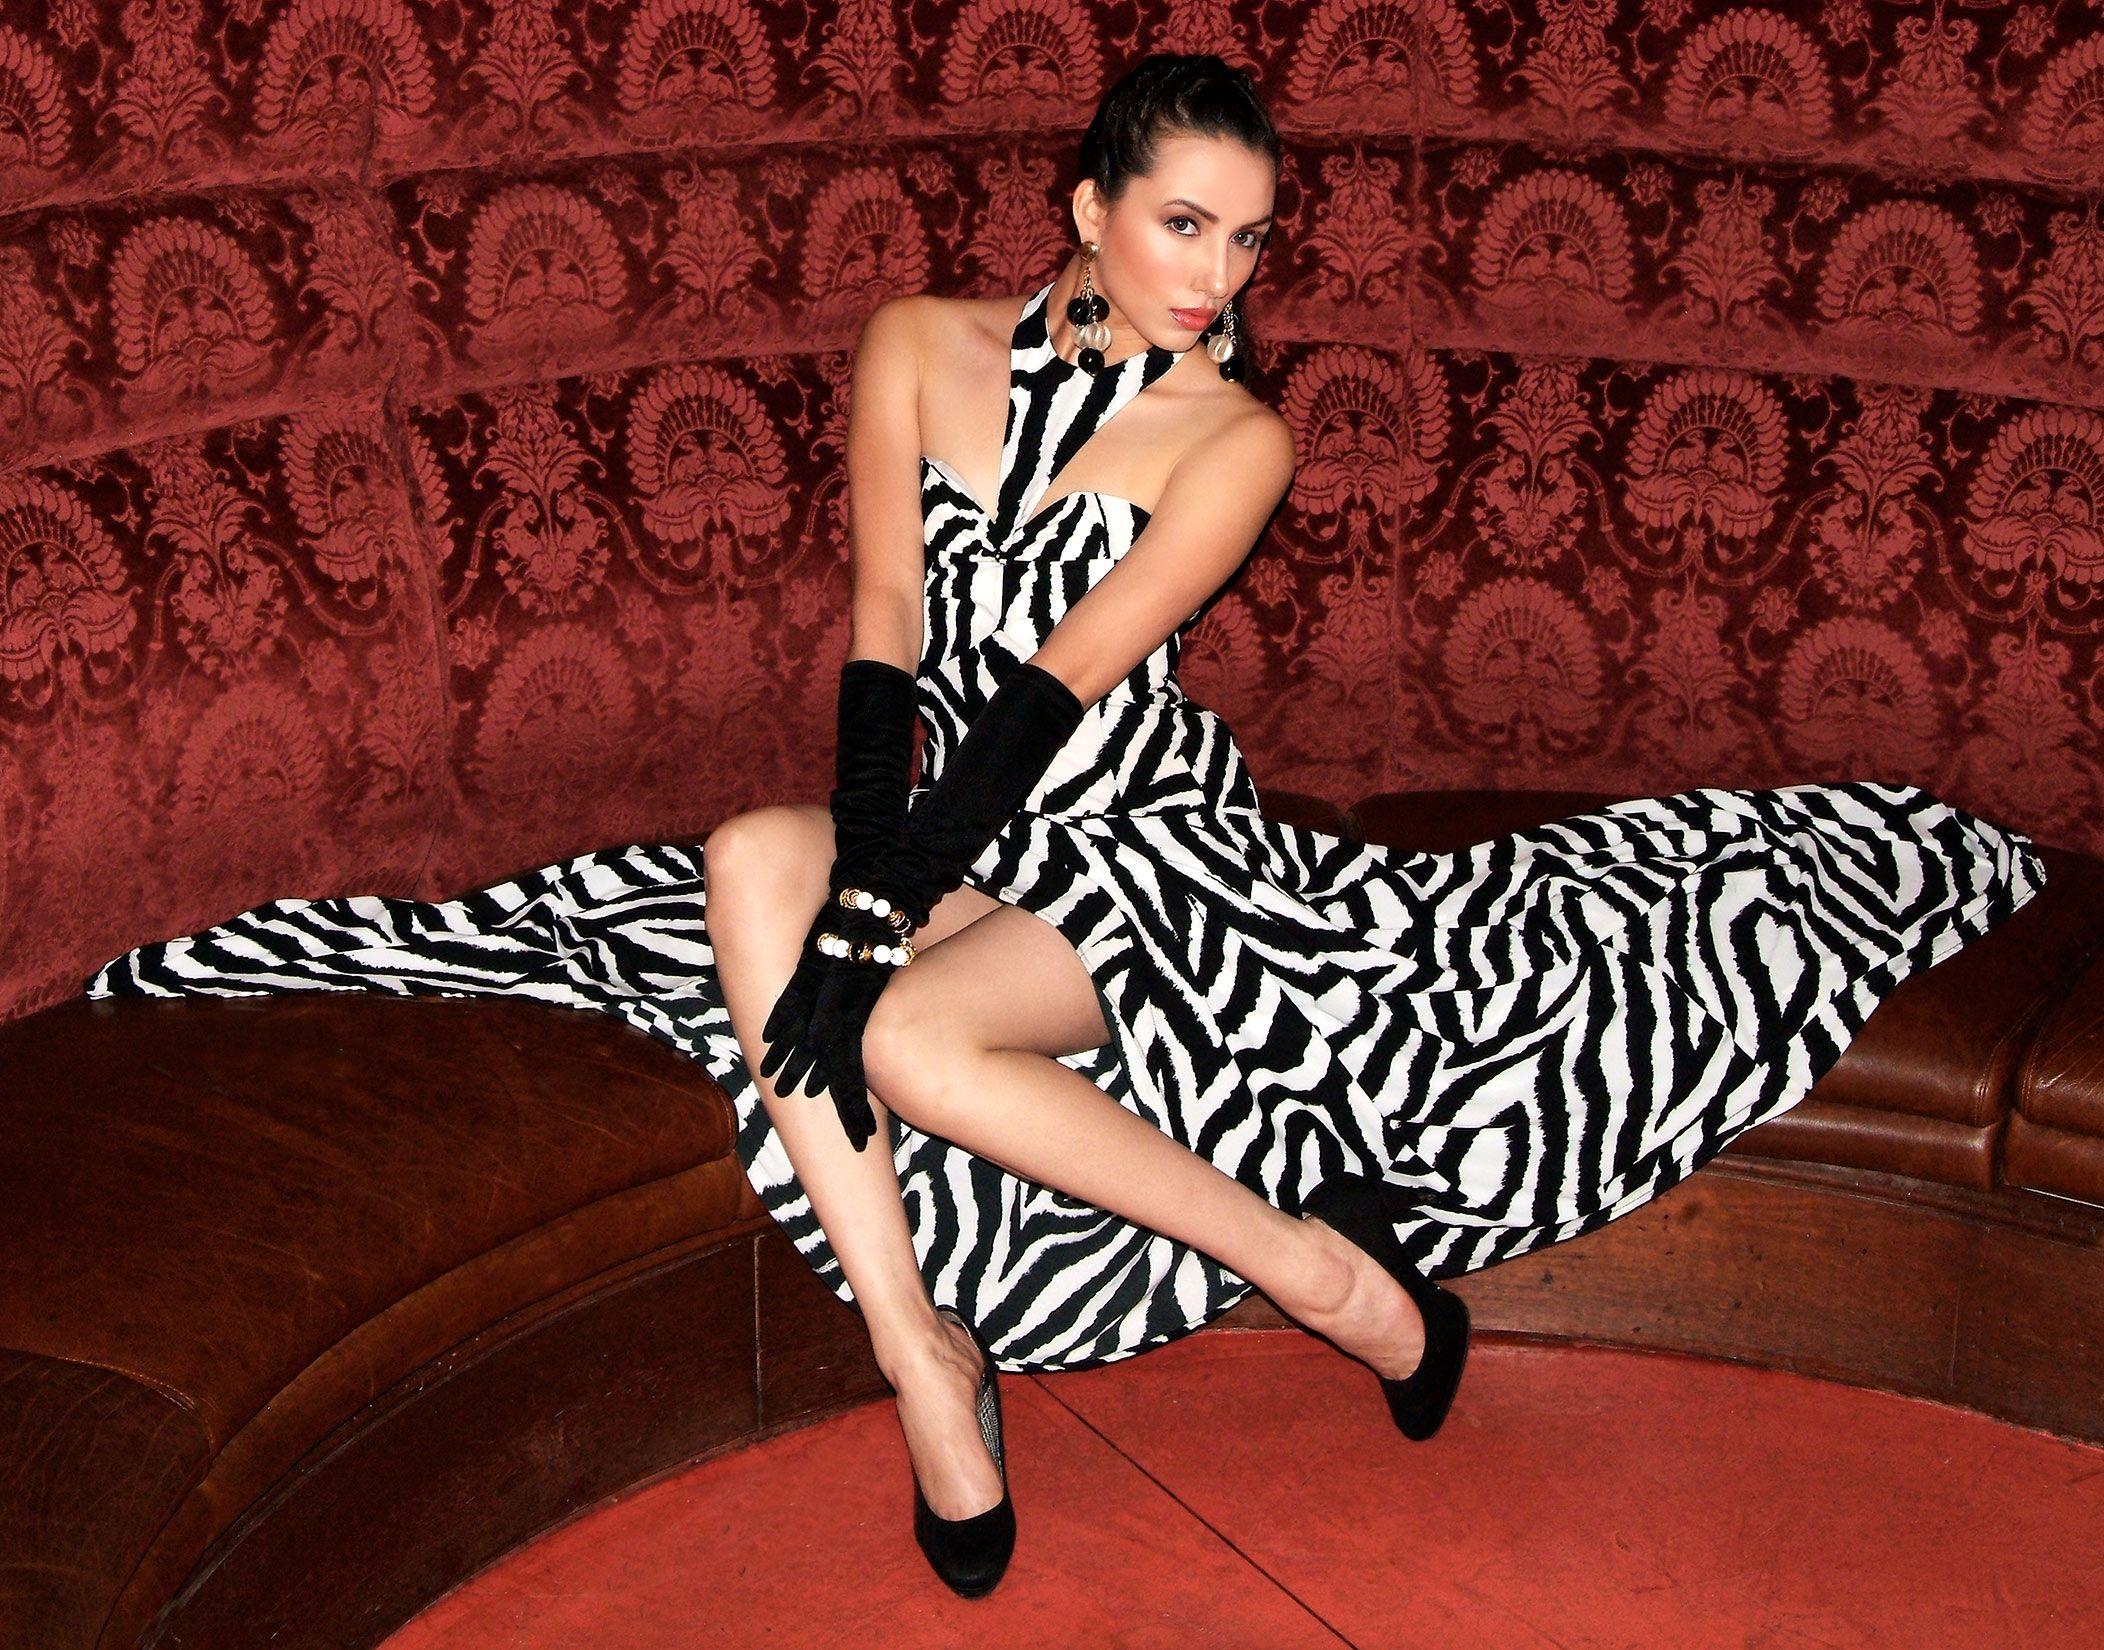 b&w-dress_pp.jpg